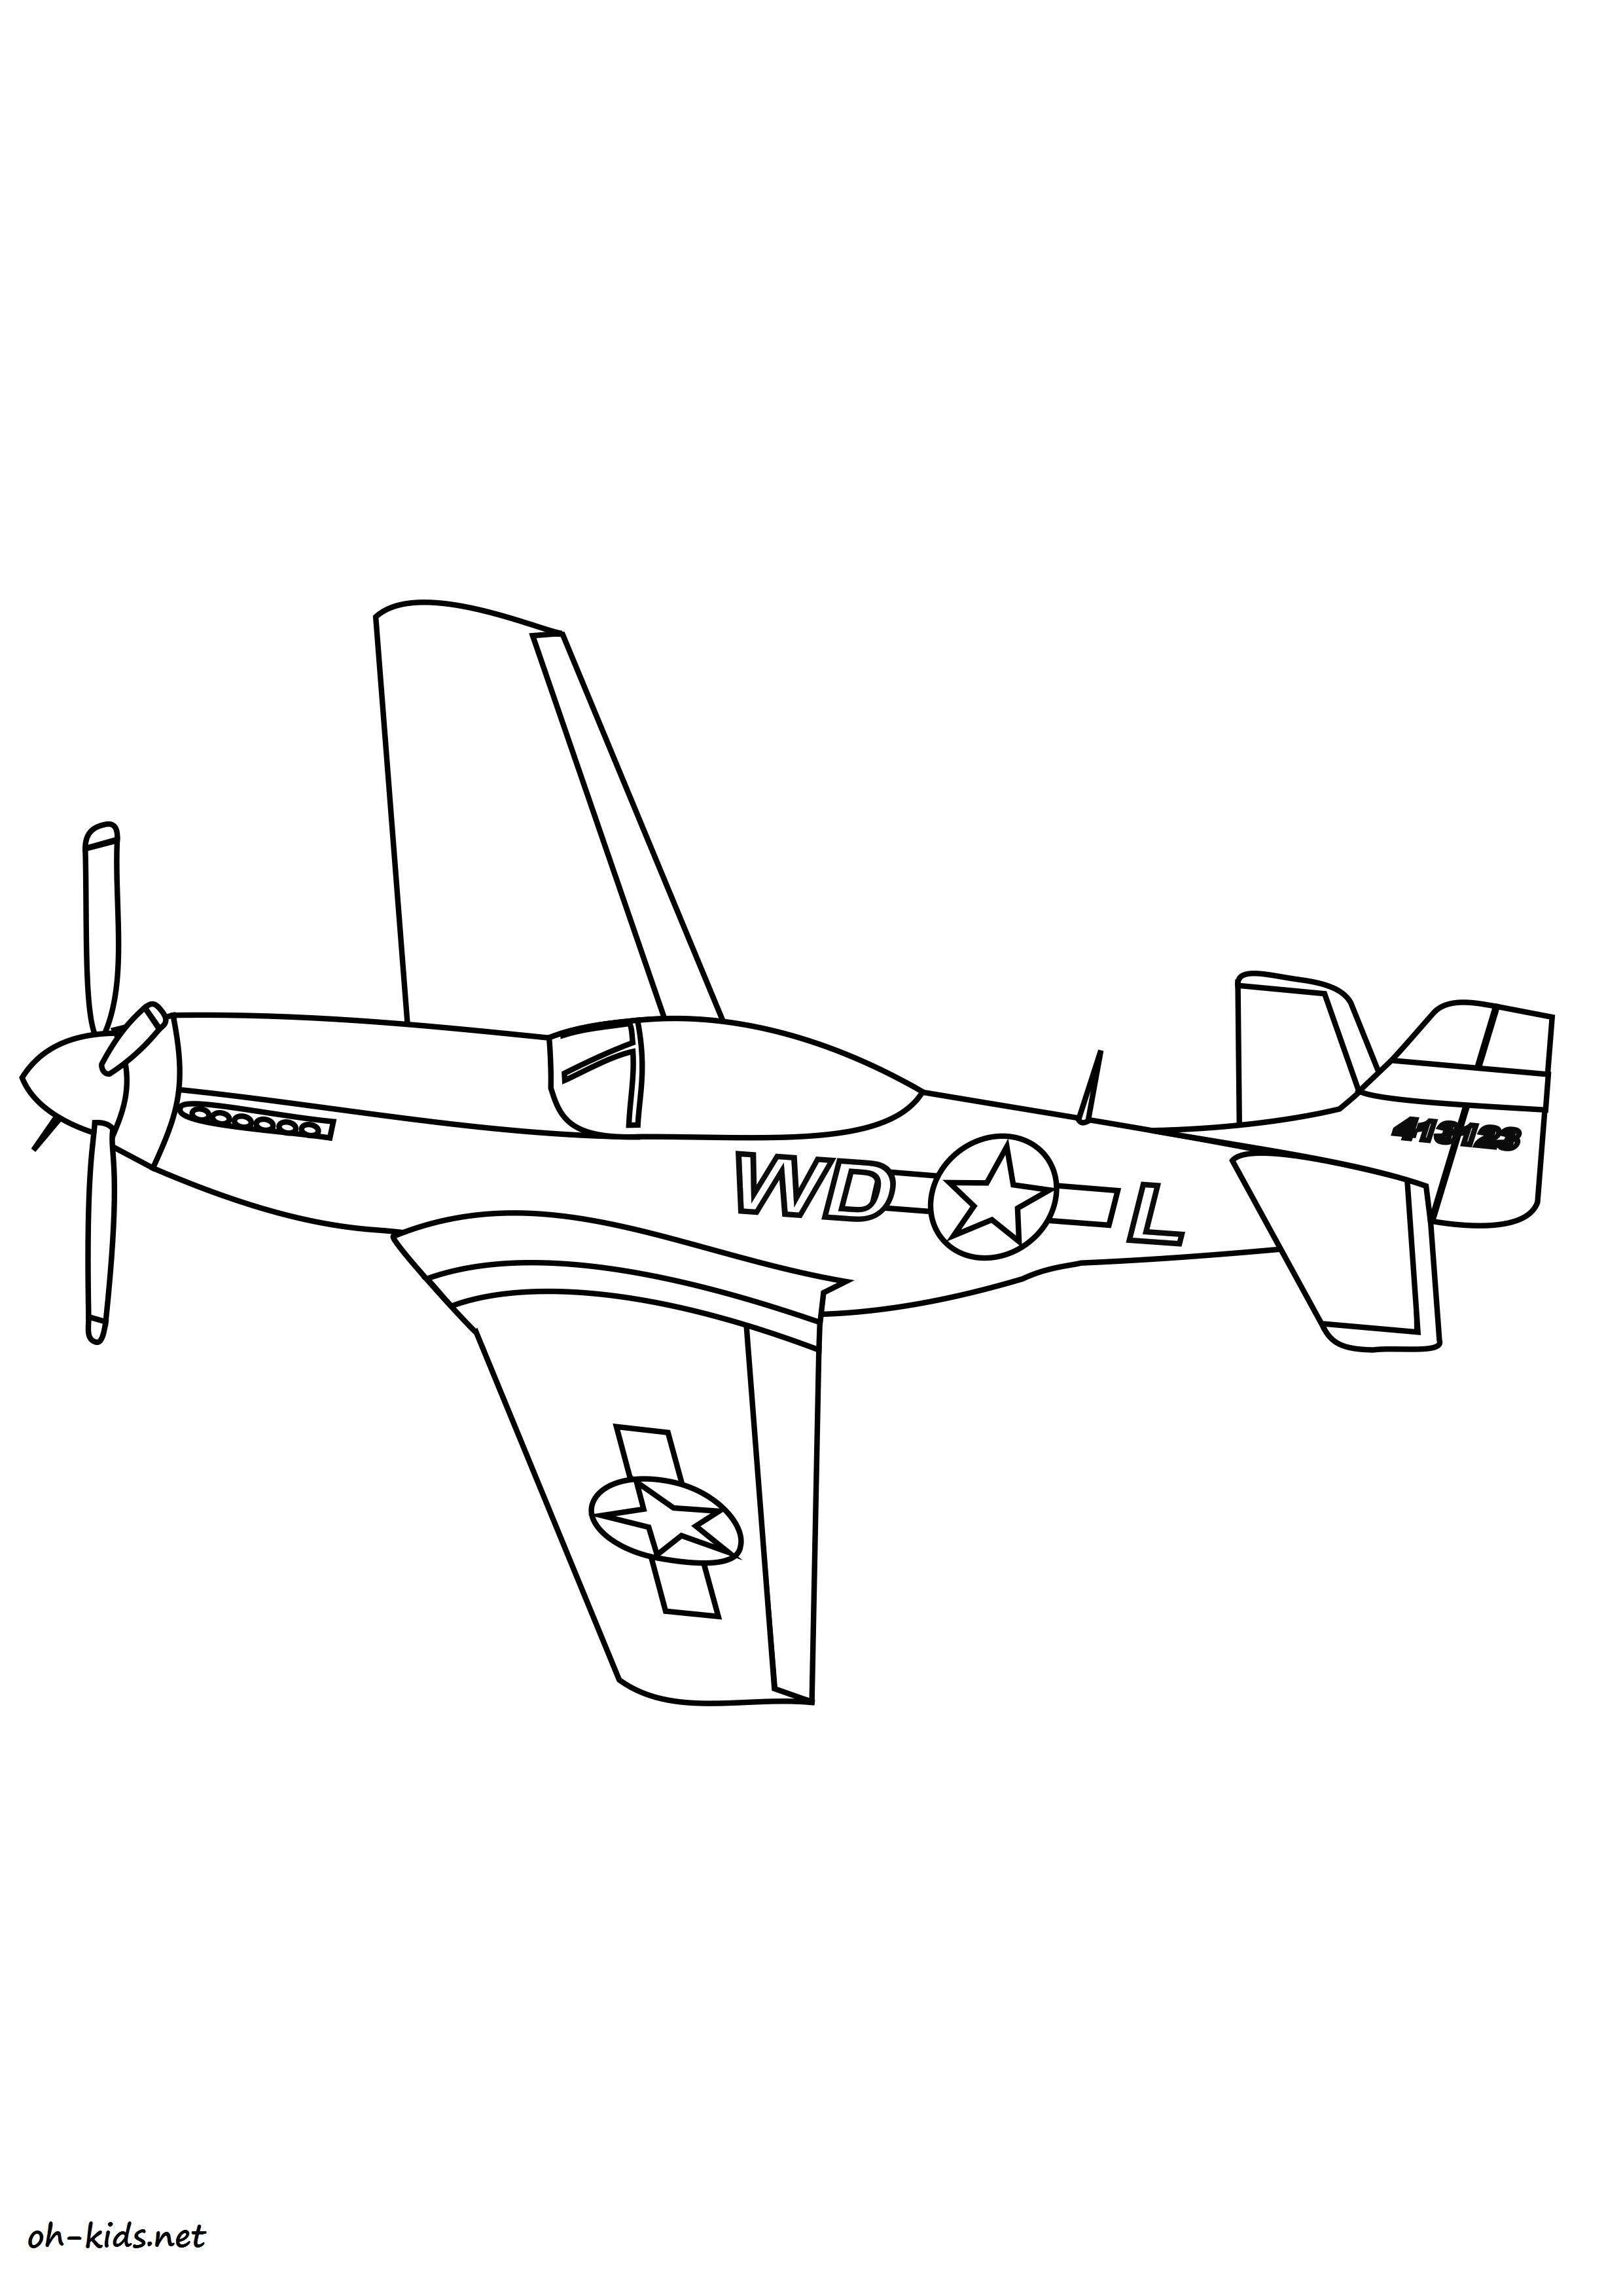 Dessin 1442 Coloriage Avion De Chasse à Imprimer Oh